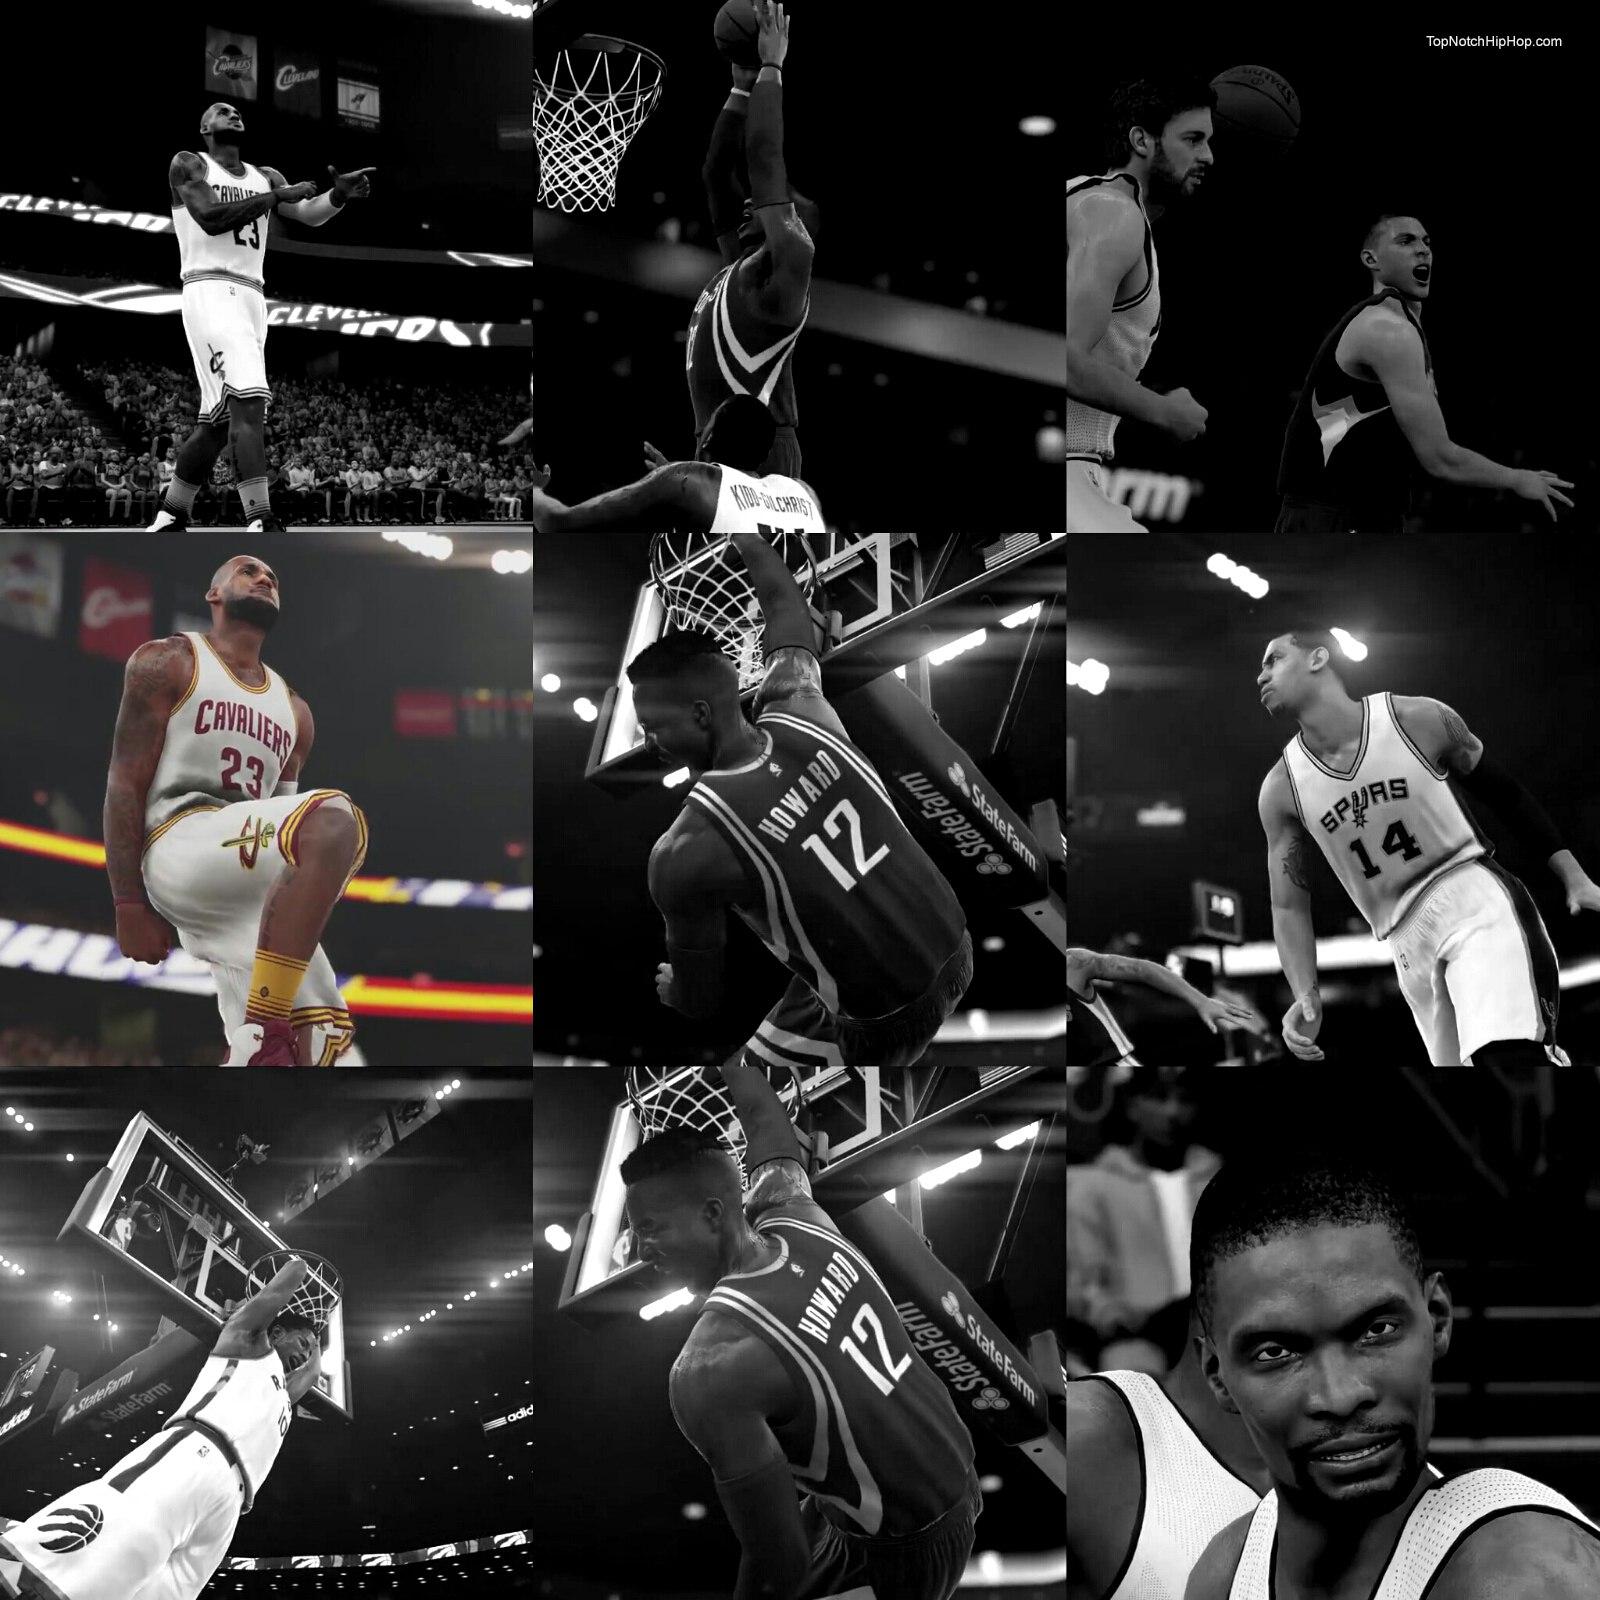 Леброн в игре НБА2К16 2015 года